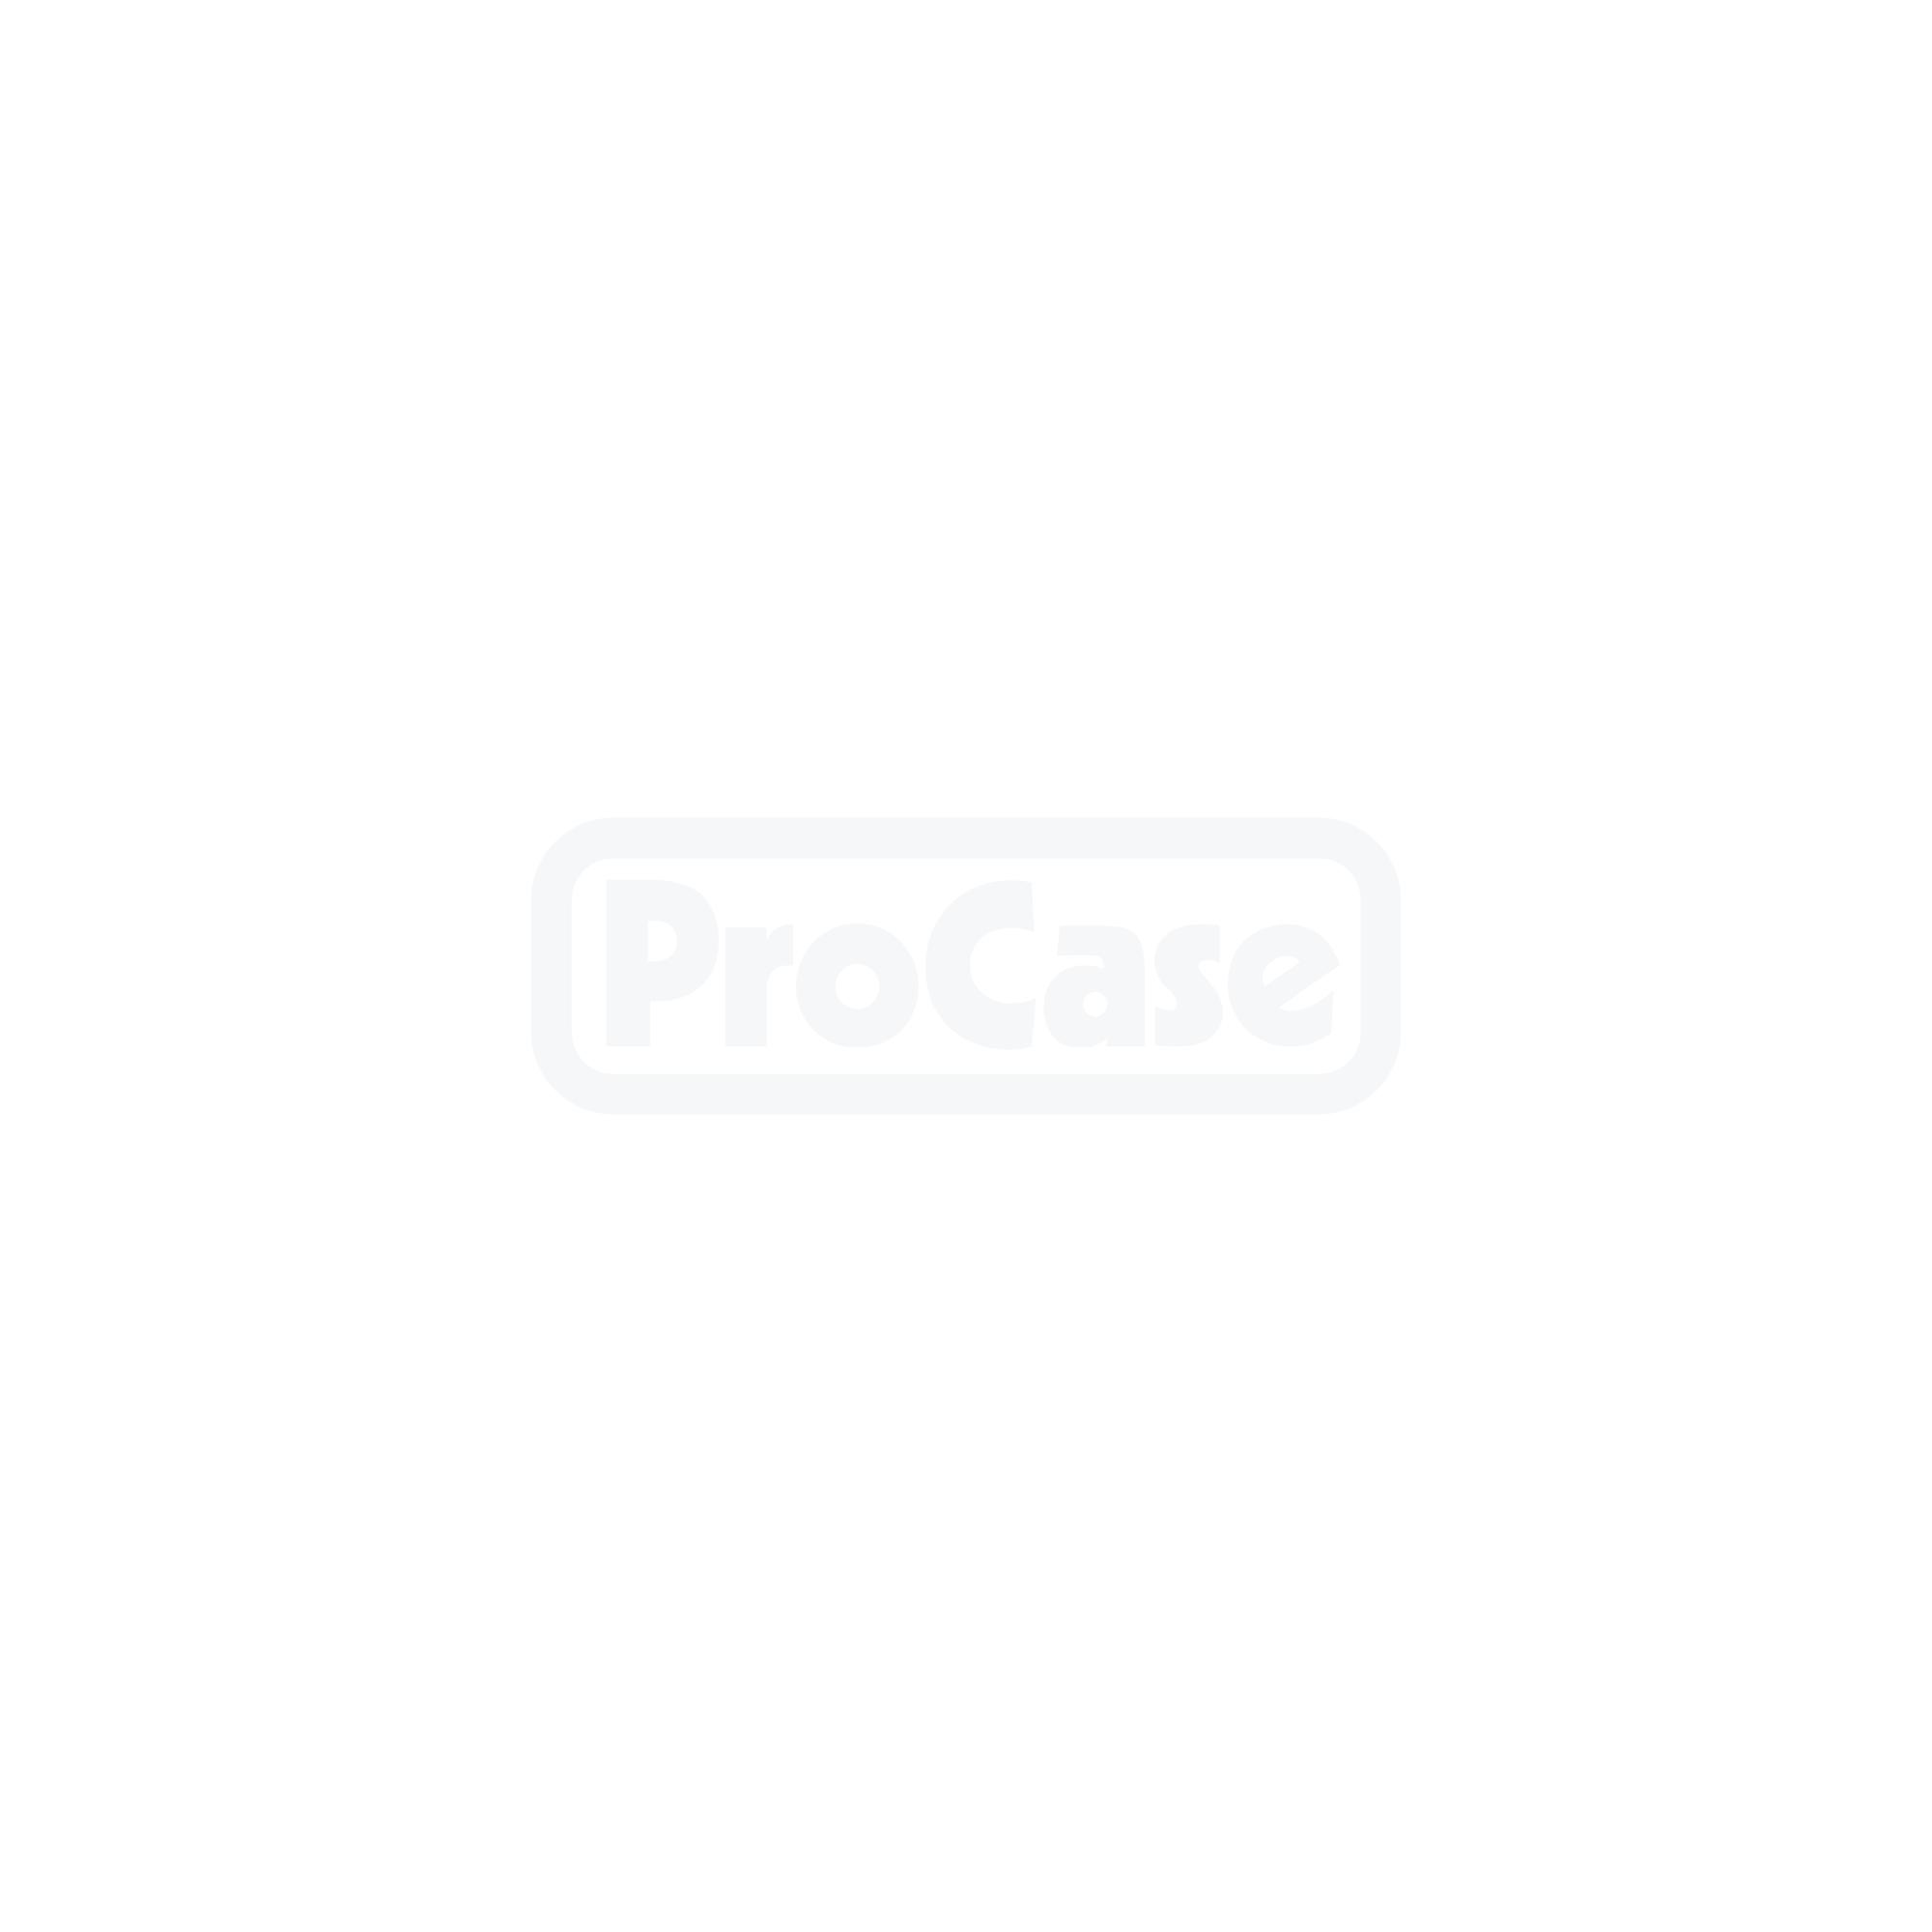 19 Zoll Standard Rack 10HE/10HE Singledoor mit Topdeckel